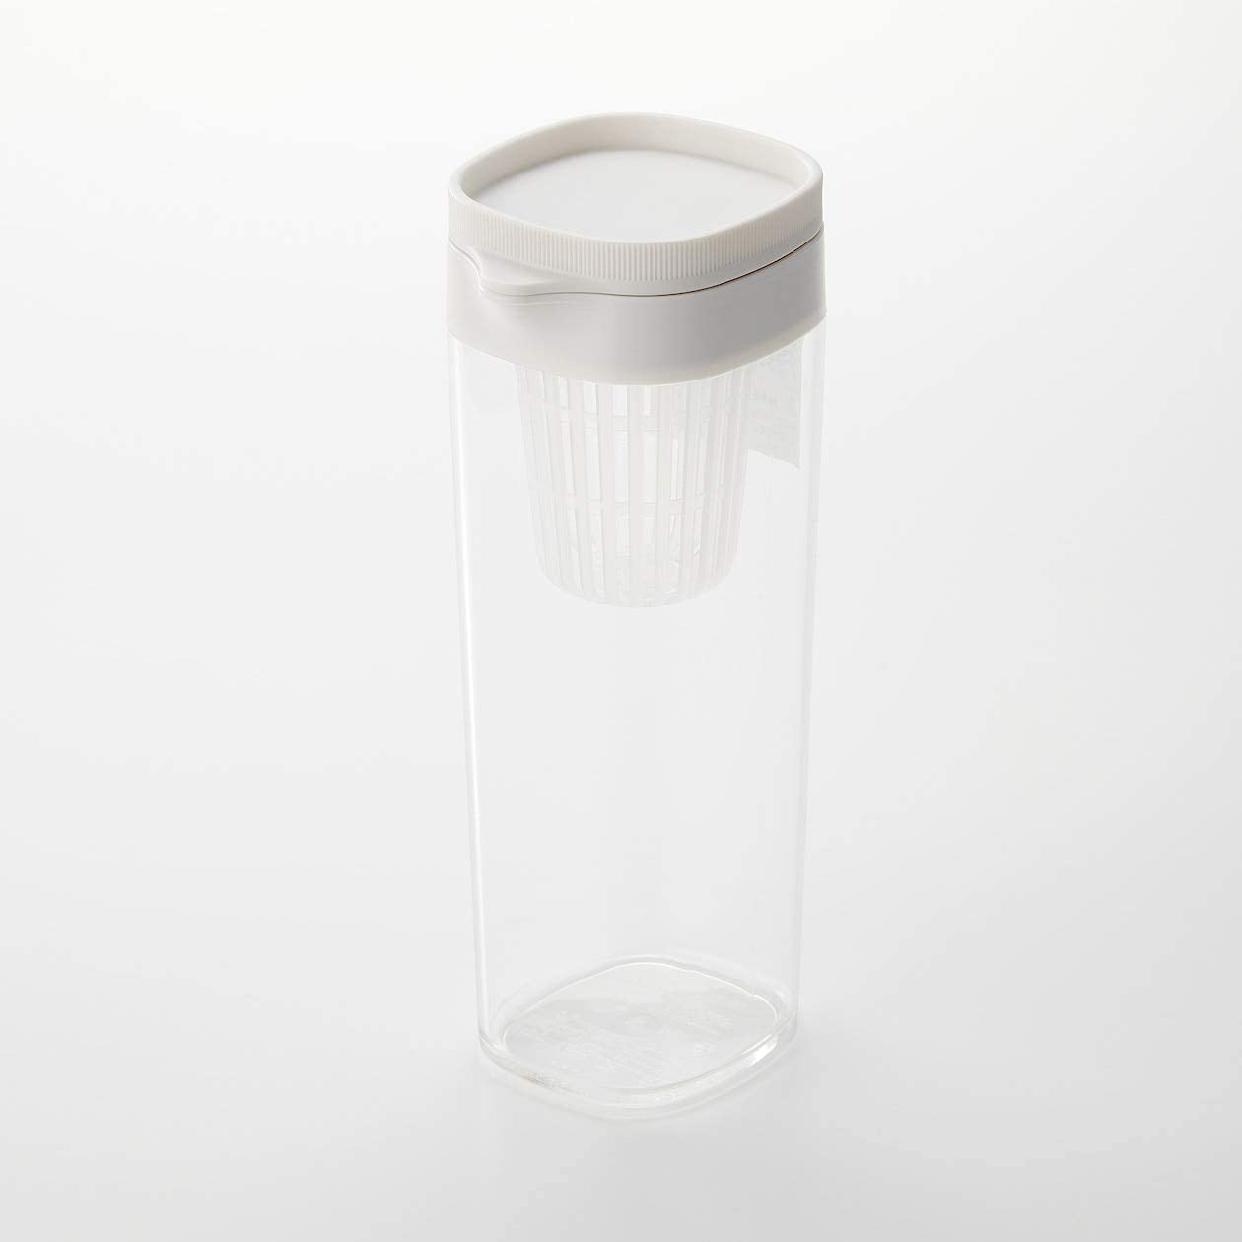 無印良品(MUJI) アクリル冷水筒 ドアポケットタイプ/冷水専用約1Lの商品画像2